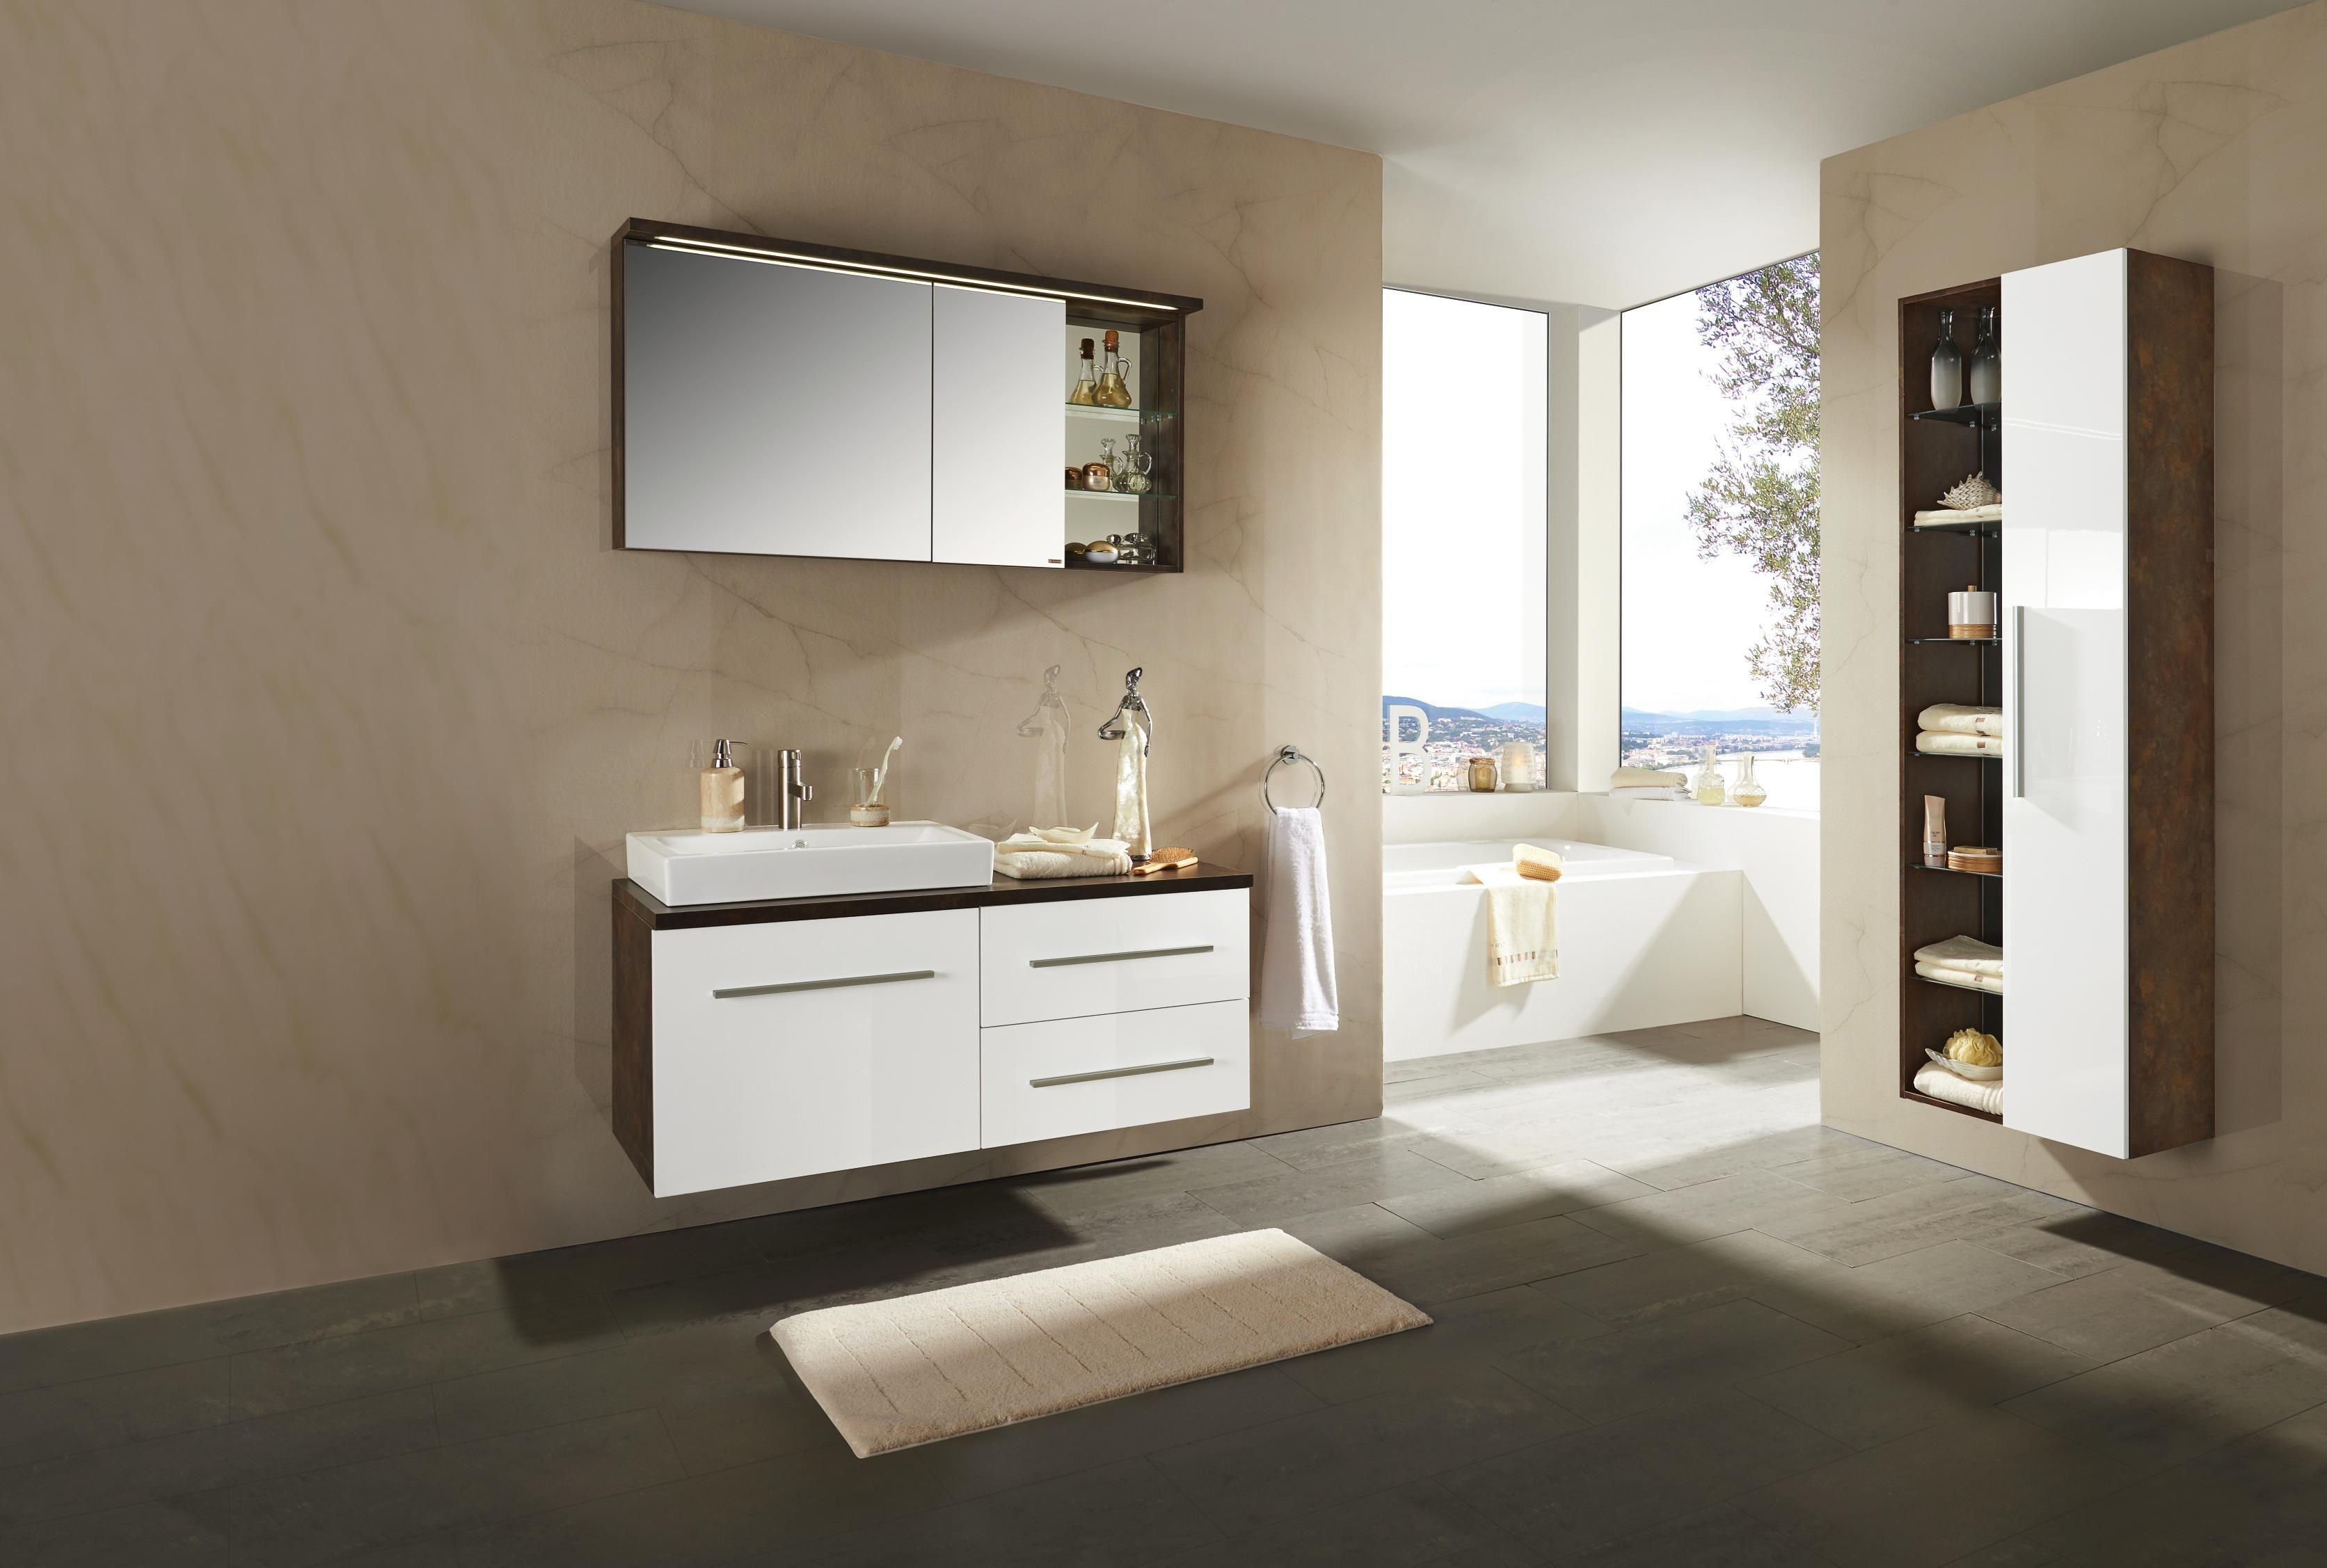 """badezimmer """"brisbane"""" von xora: modernes design mit led"""